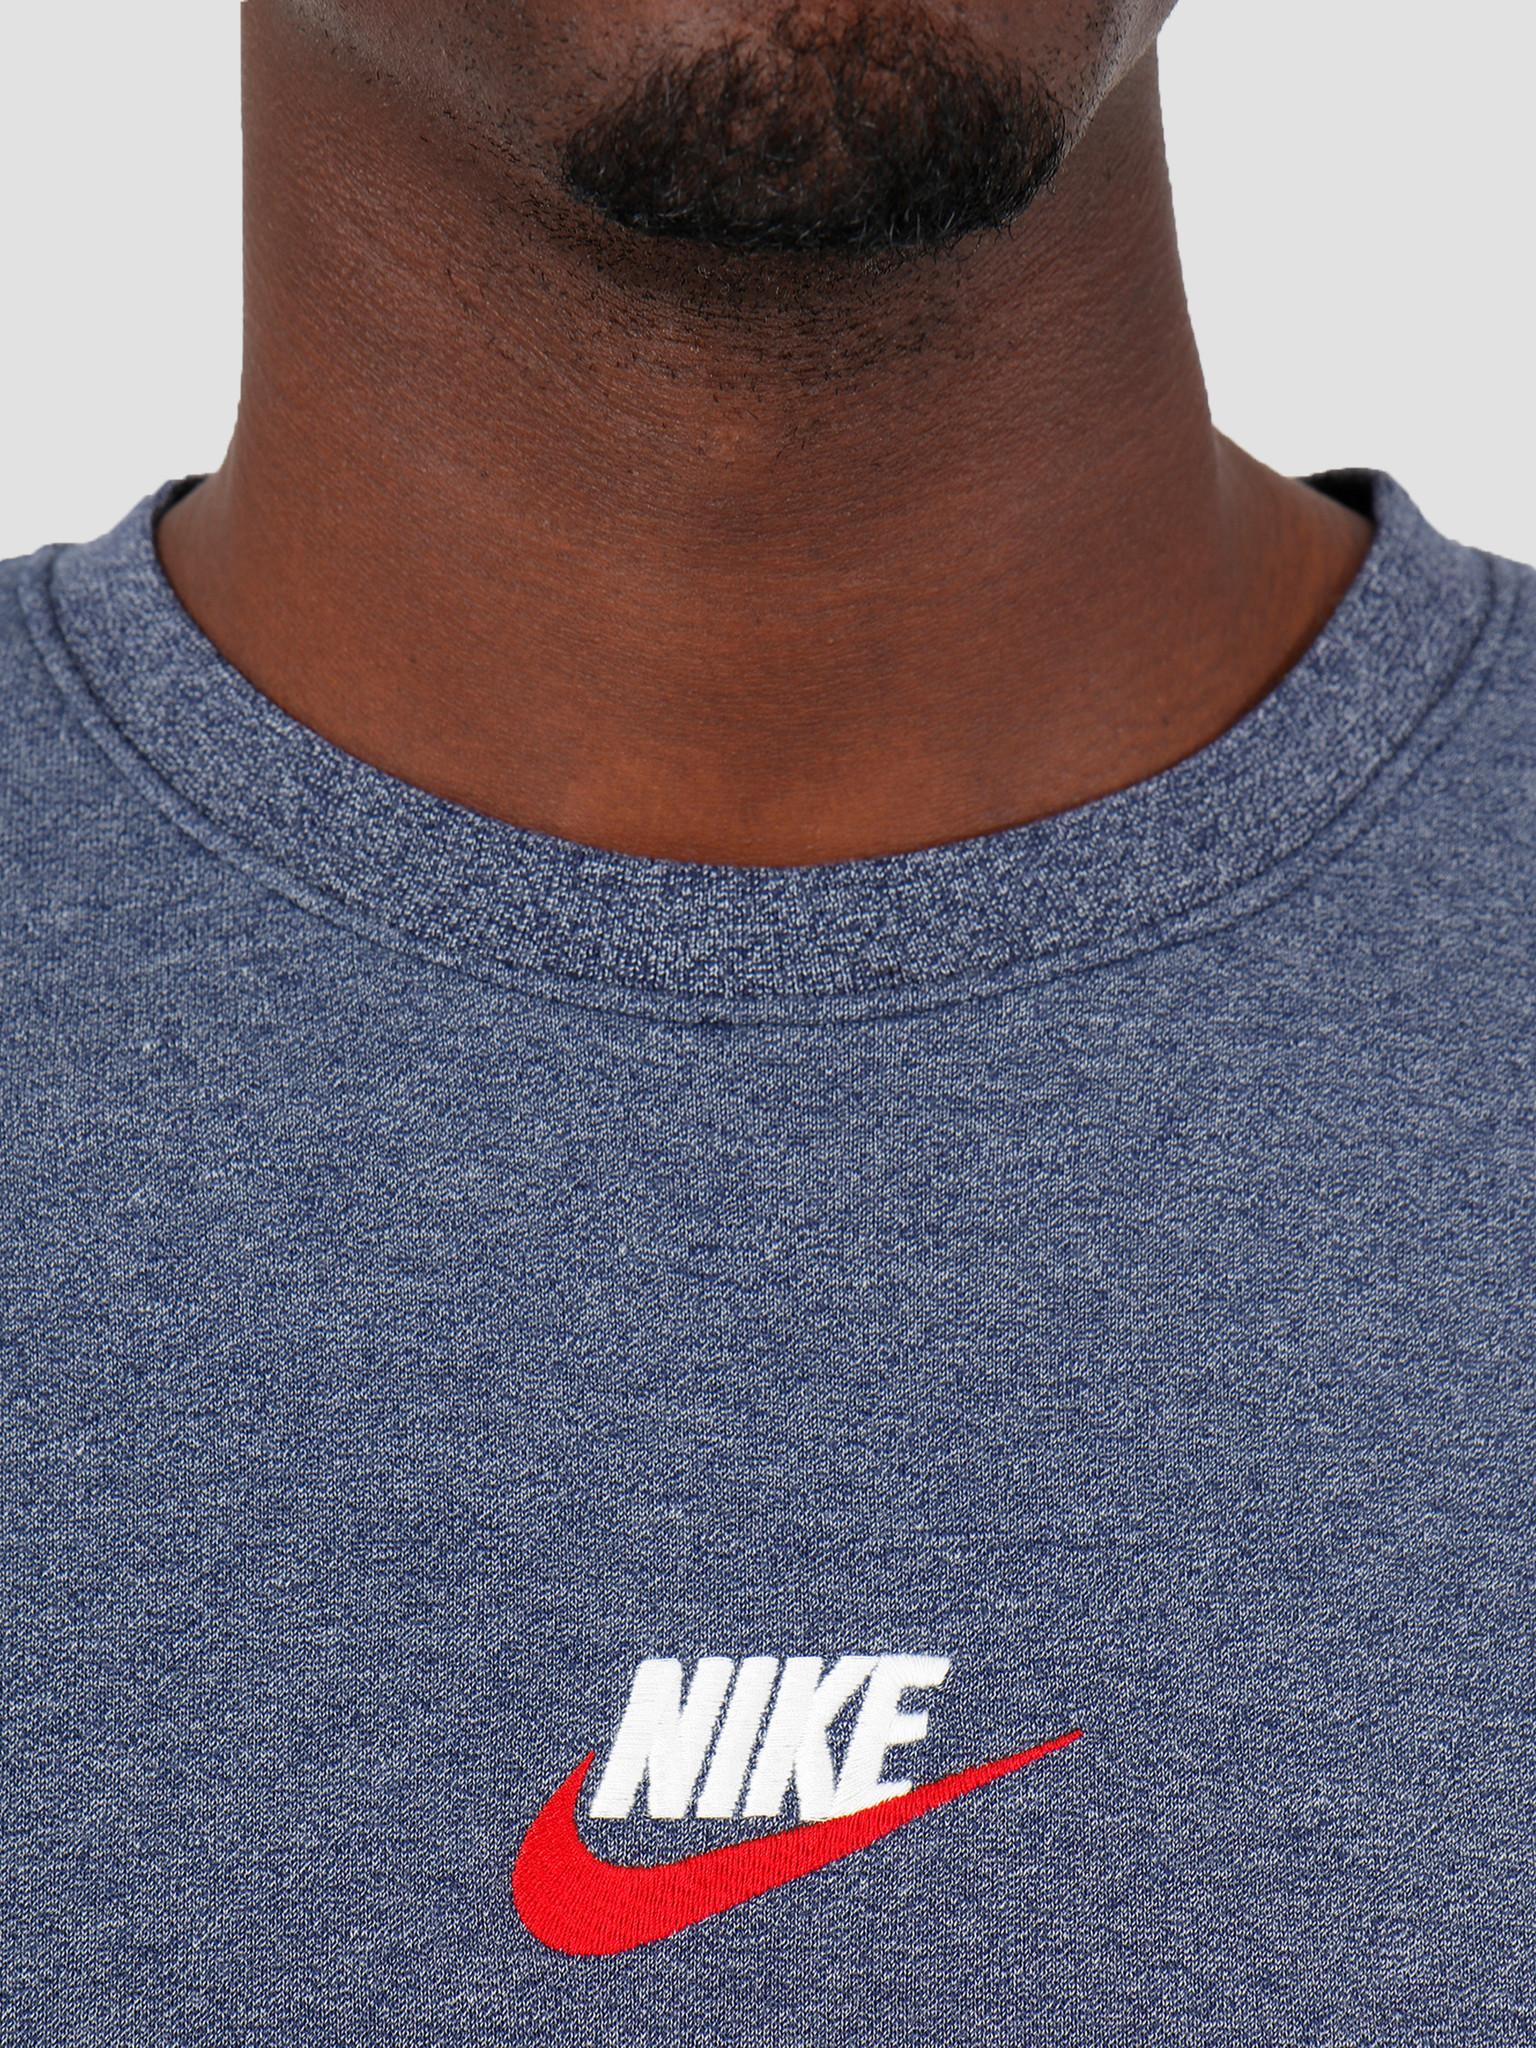 Nike Nike NSW Heritage Crw Idnight Navy Htr 928427-410